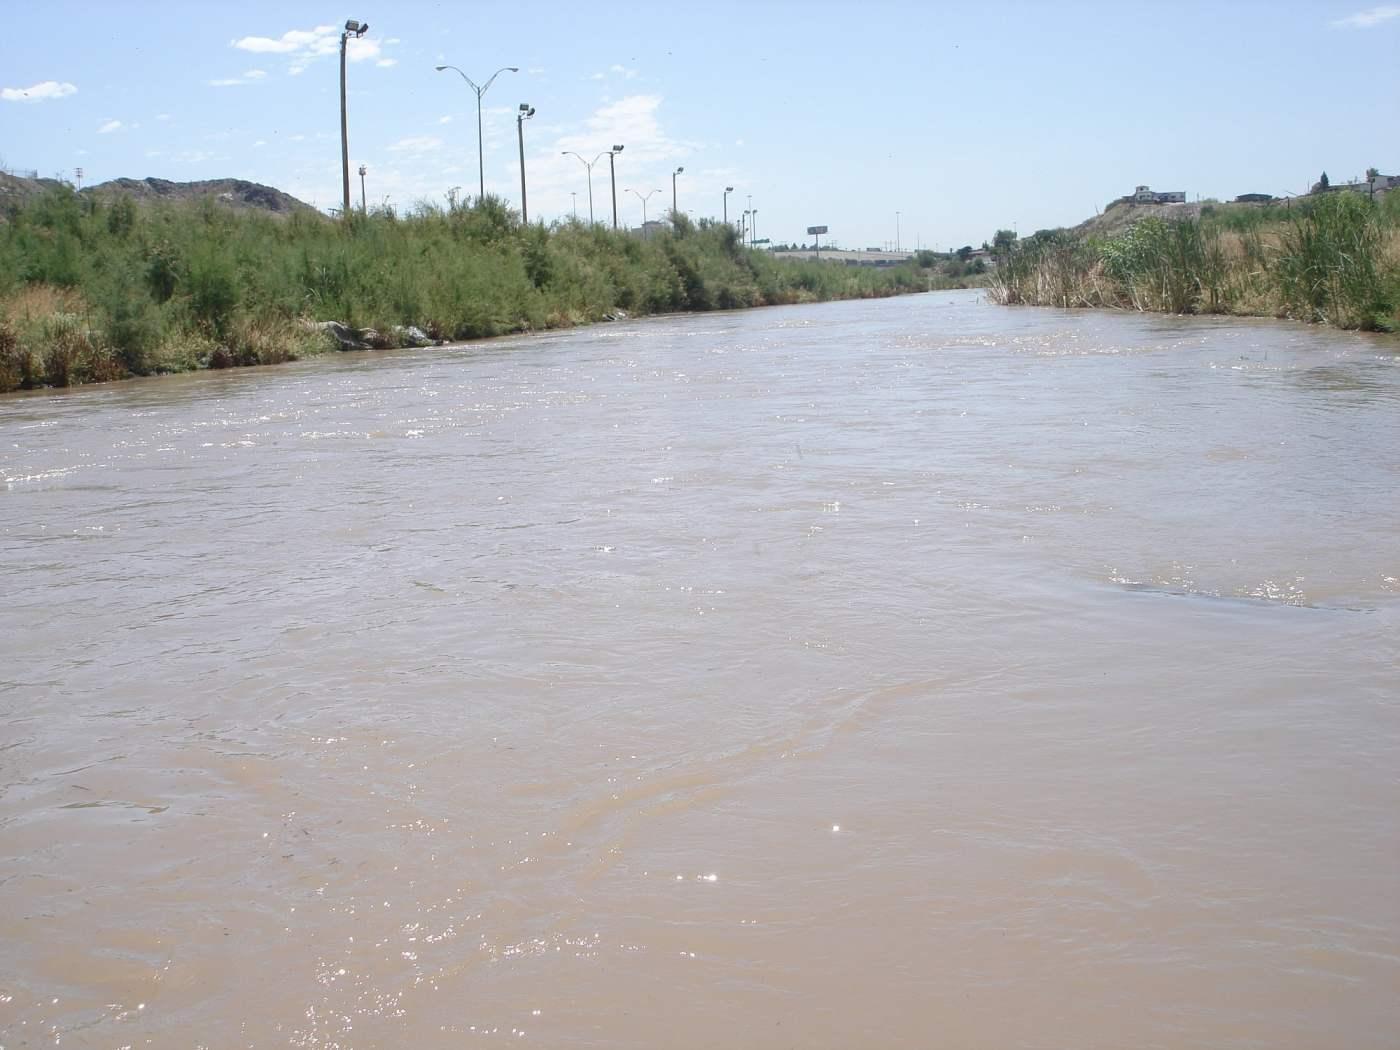 Río Bravo divide a El Paso y Ciudad Juárez. Foto: Wikimedia Commons